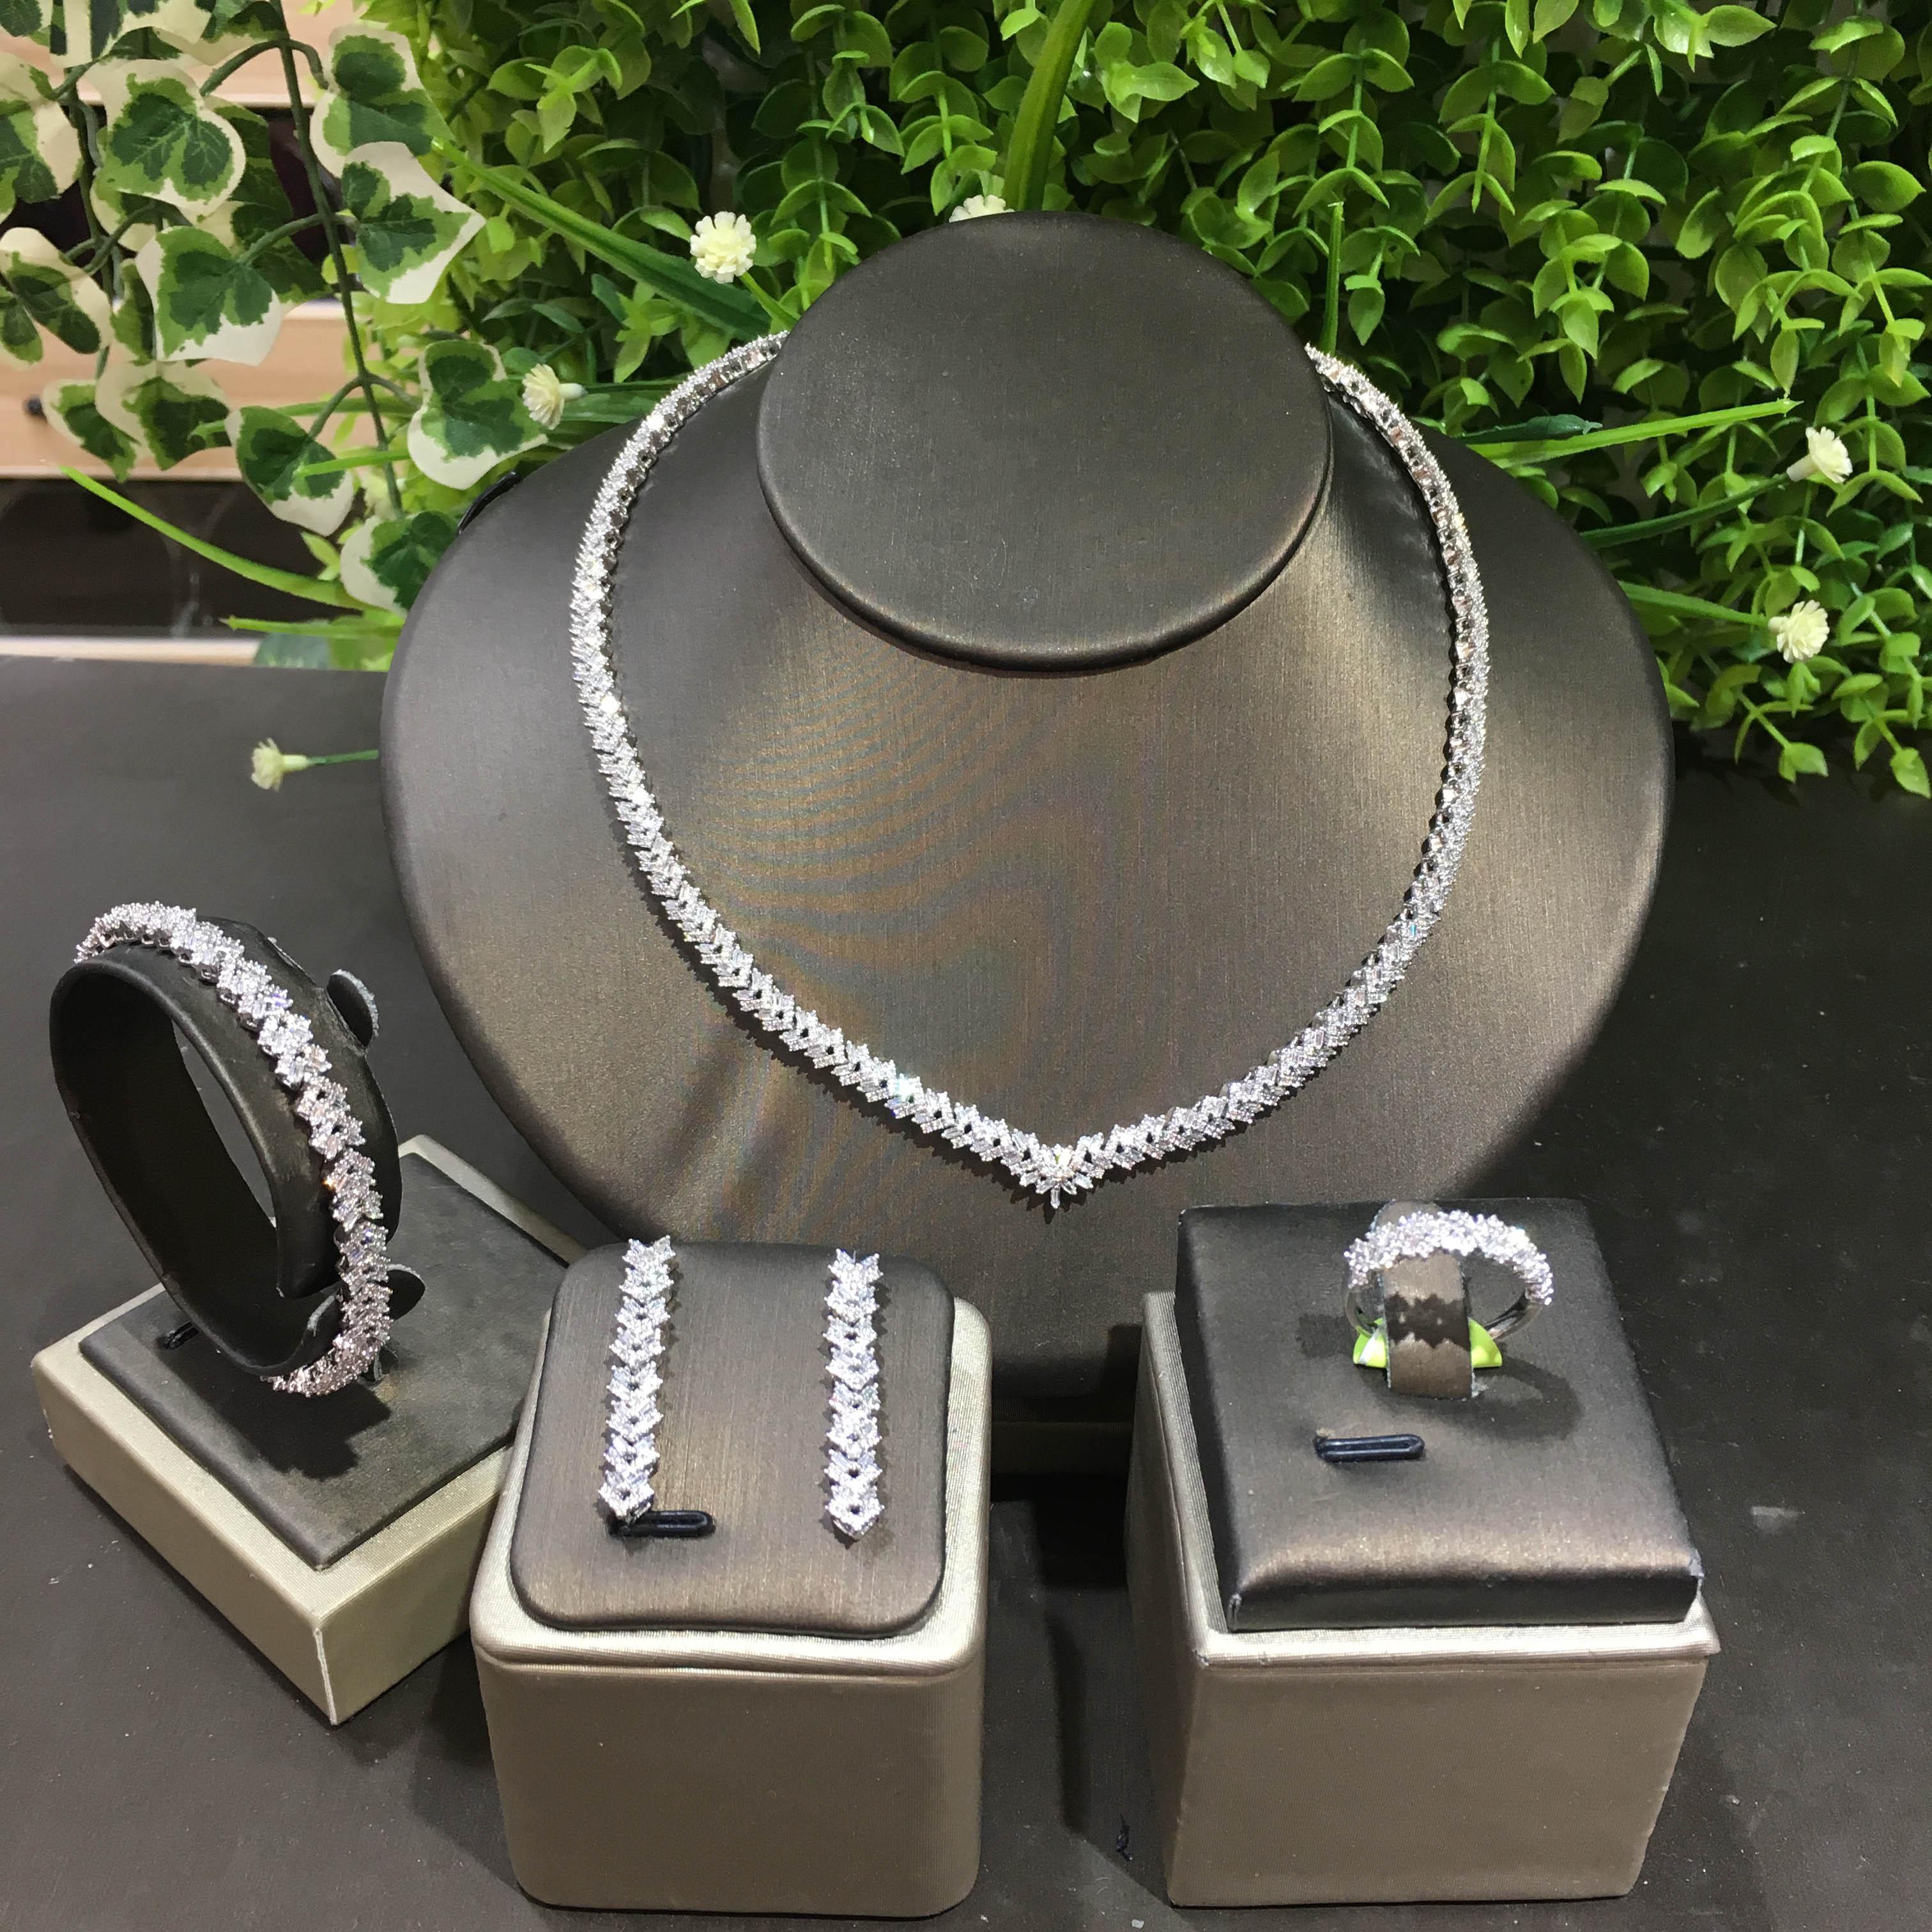 تيريم دبي الفاخرة أنيقة الزفاف قلادة مجموعة للنساء زركون مجوهرات الزفاف مجموعات للعرائس اكسسوارات jewelri